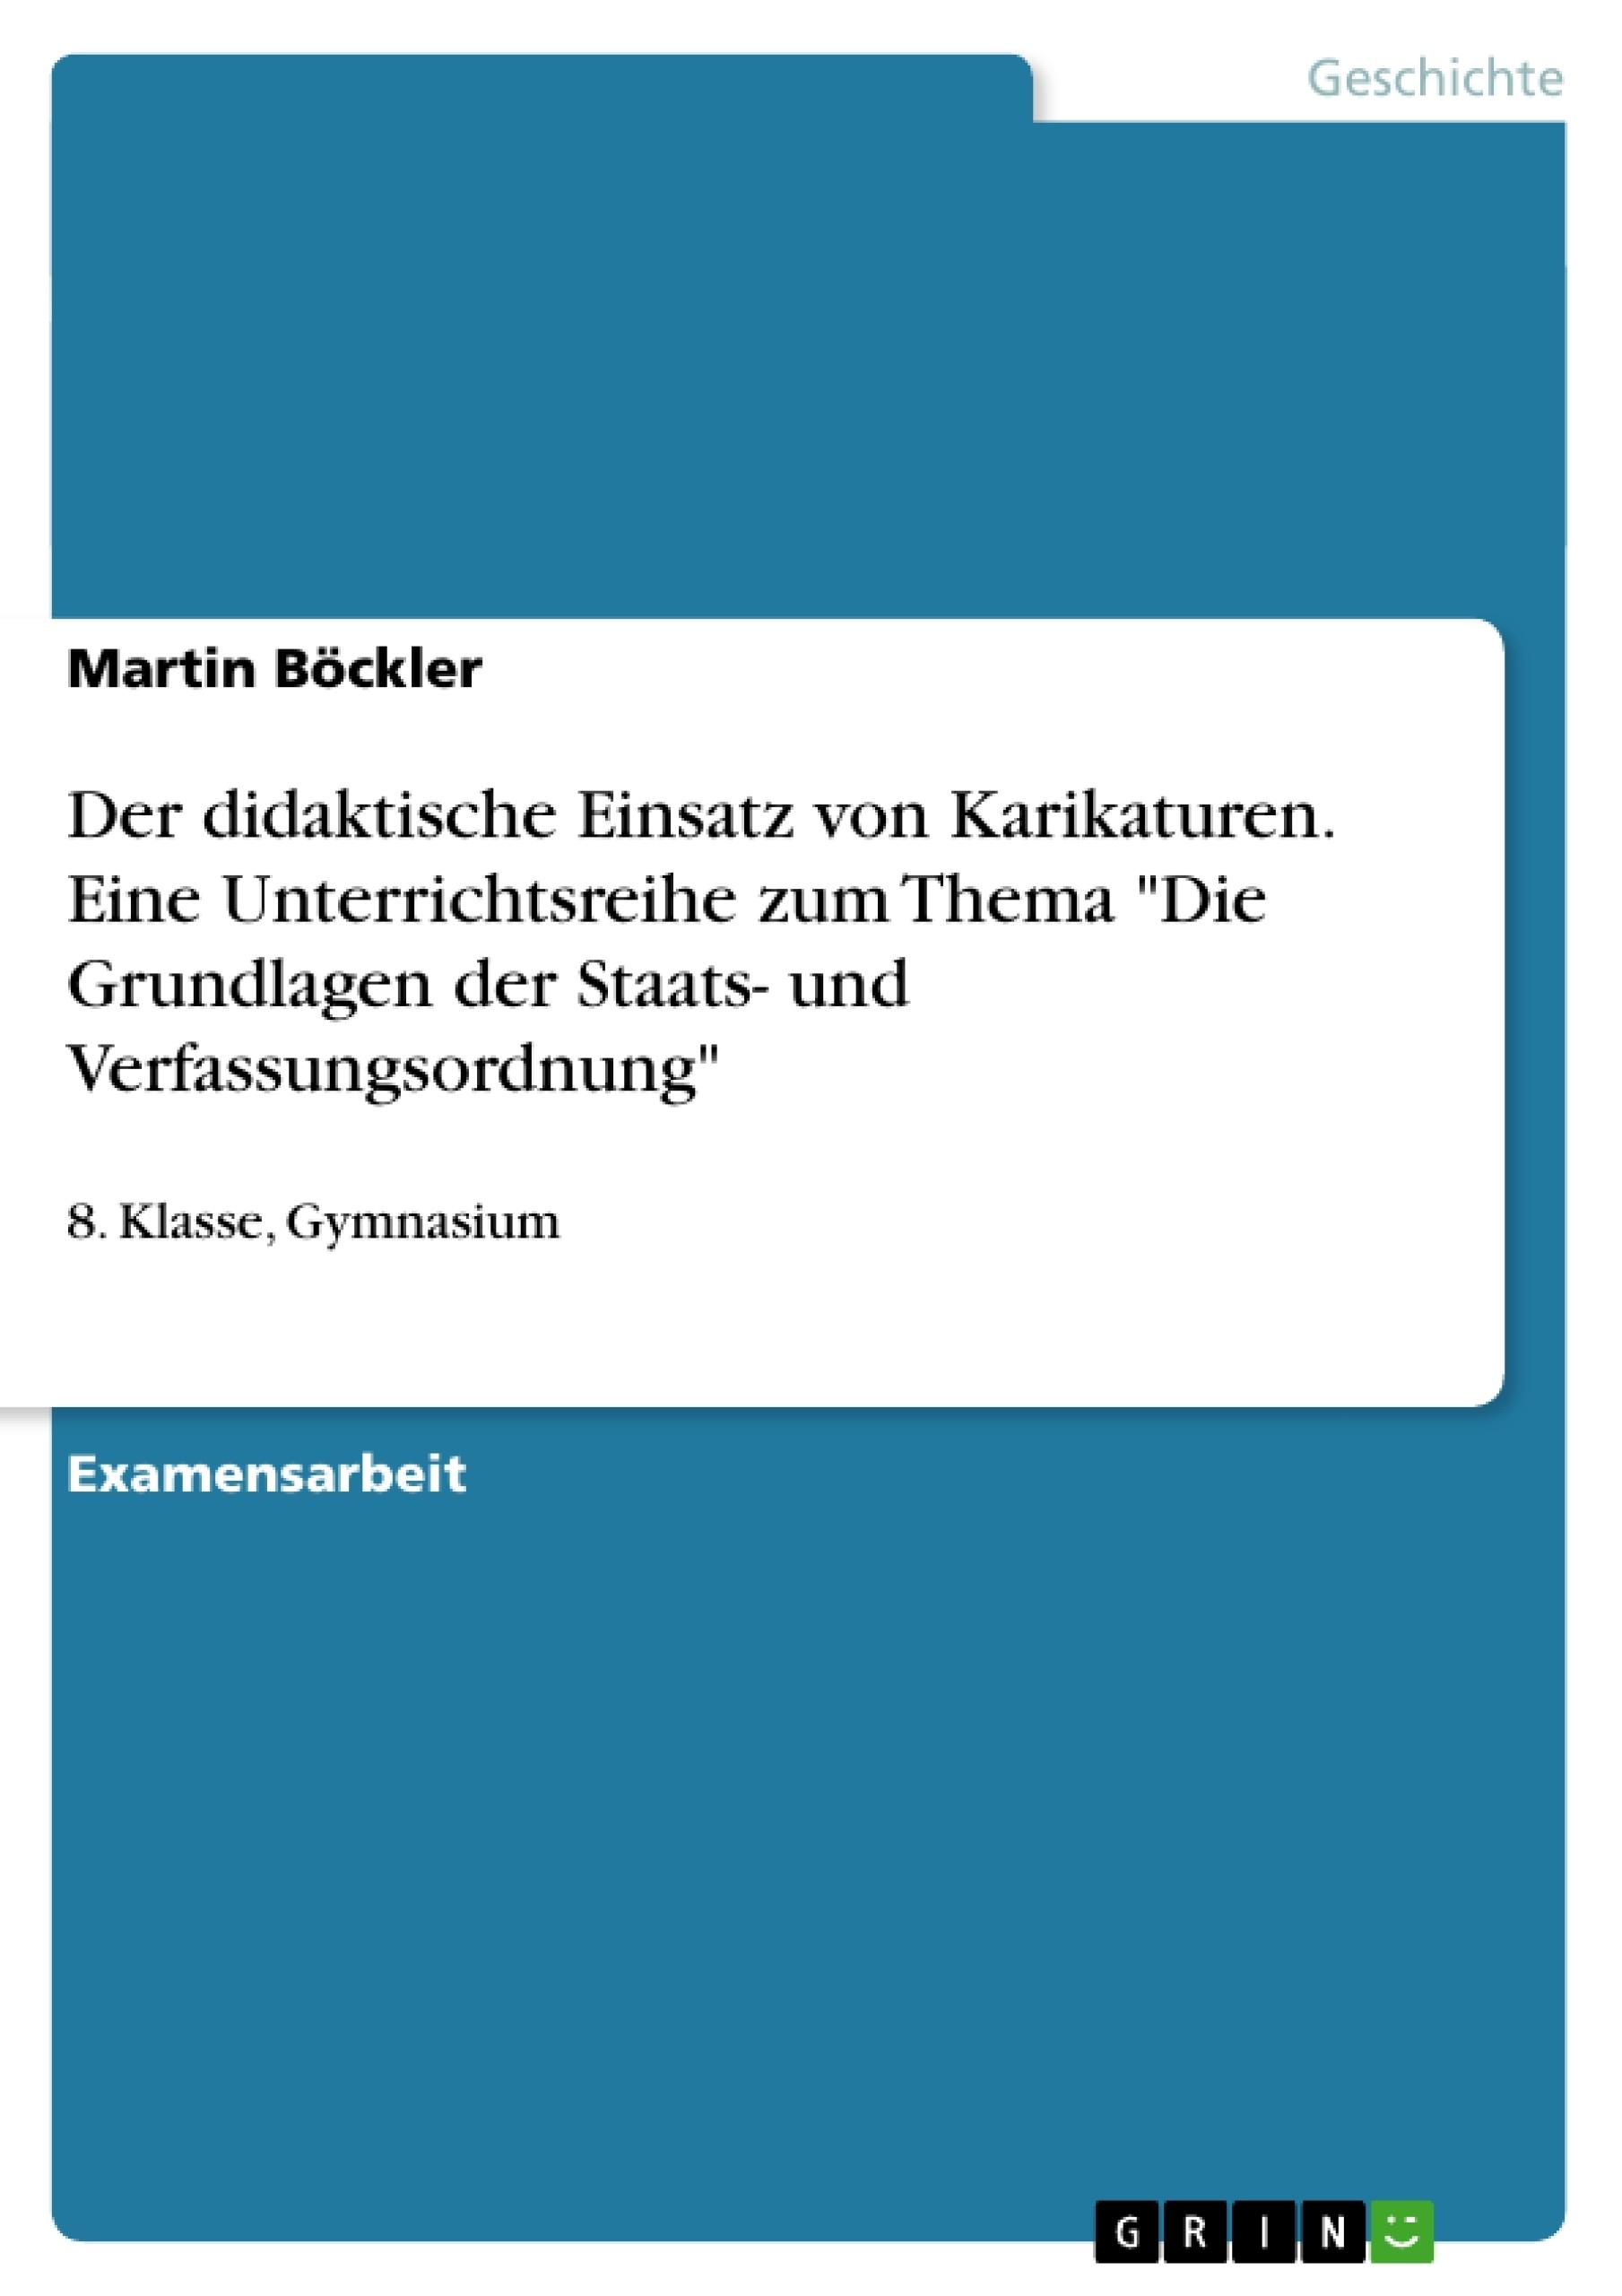 """Titel: Der didaktische Einsatz von Karikaturen. Eine Unterrichtsreihe zum Thema """"Die Grundlagen der Staats- und Verfassungsordnung"""""""